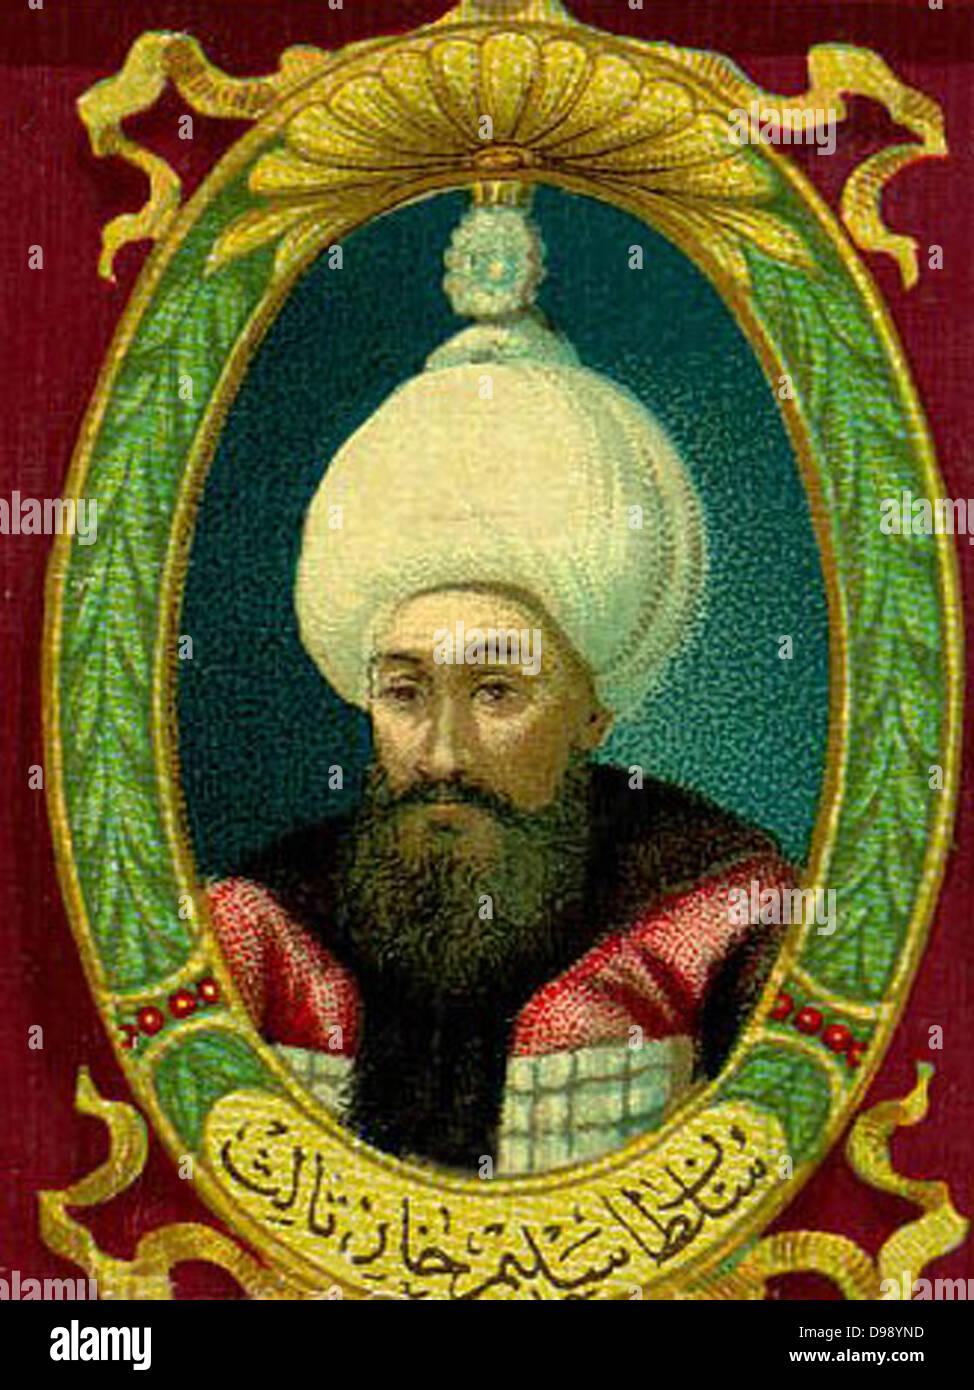 Selim III (1761 -1808) Sultan of the Ottoman Empire 1789–1807 - Stock Image